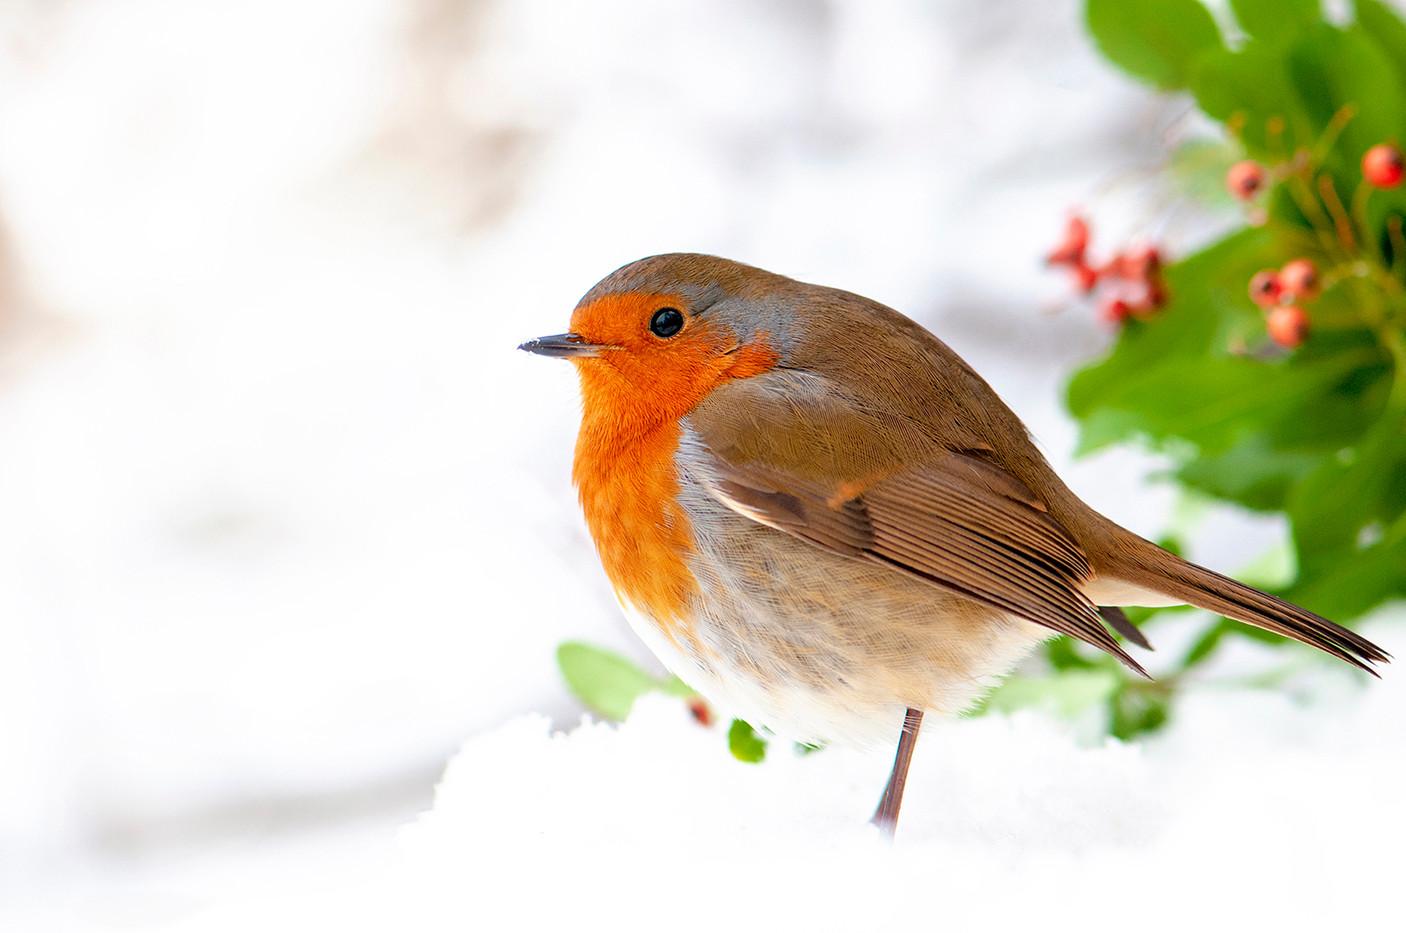 Snow Robin